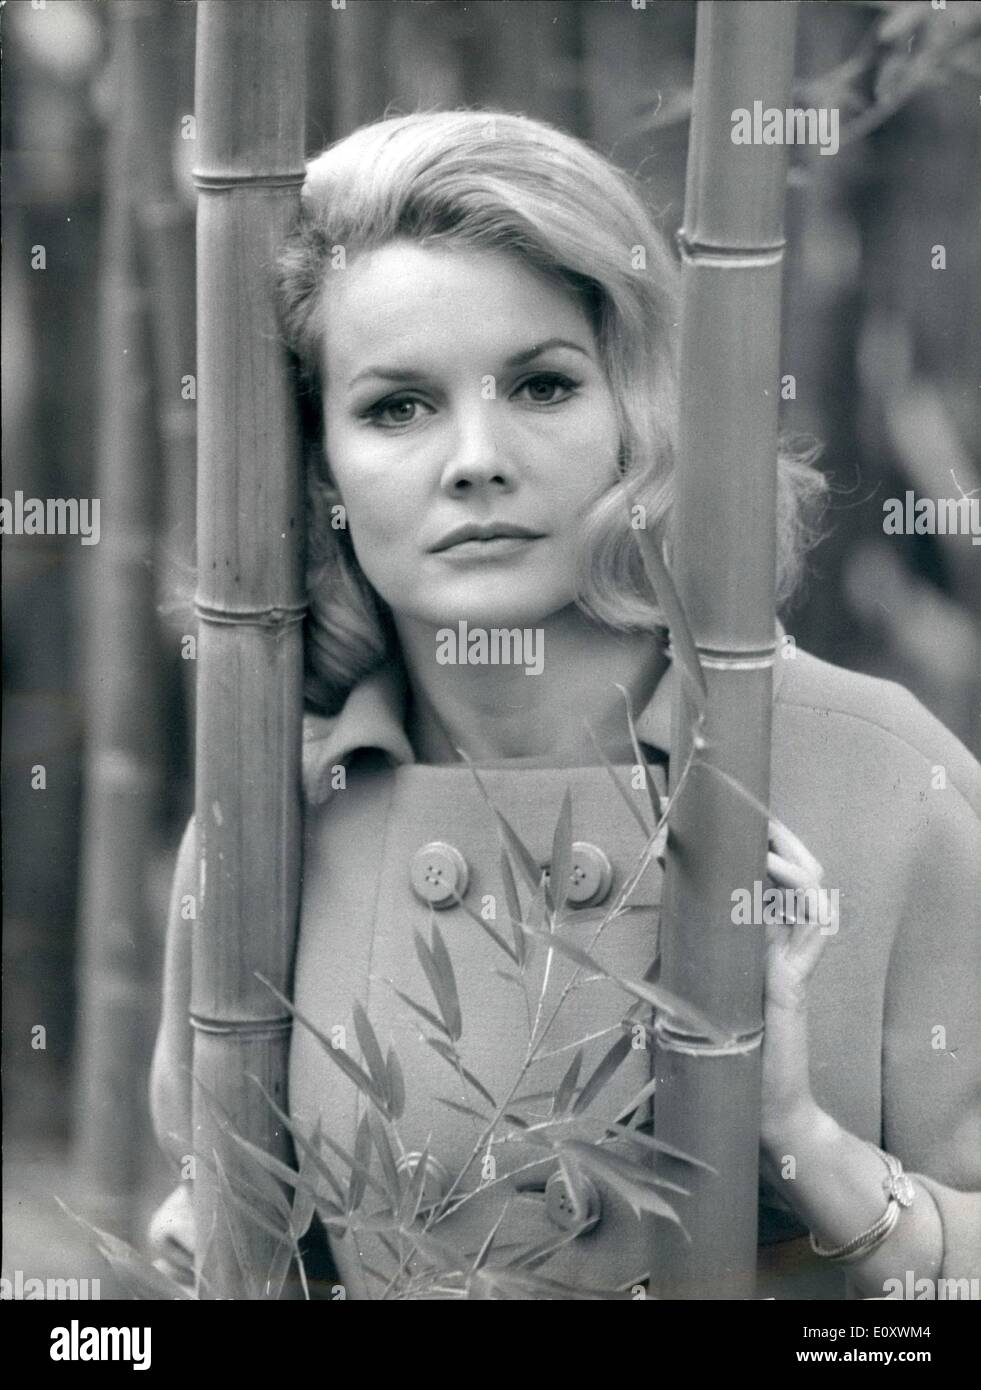 Belle 1967 actrice décembre 1967 12 blonde déc Carroll Rome 5SxqwnHBX4